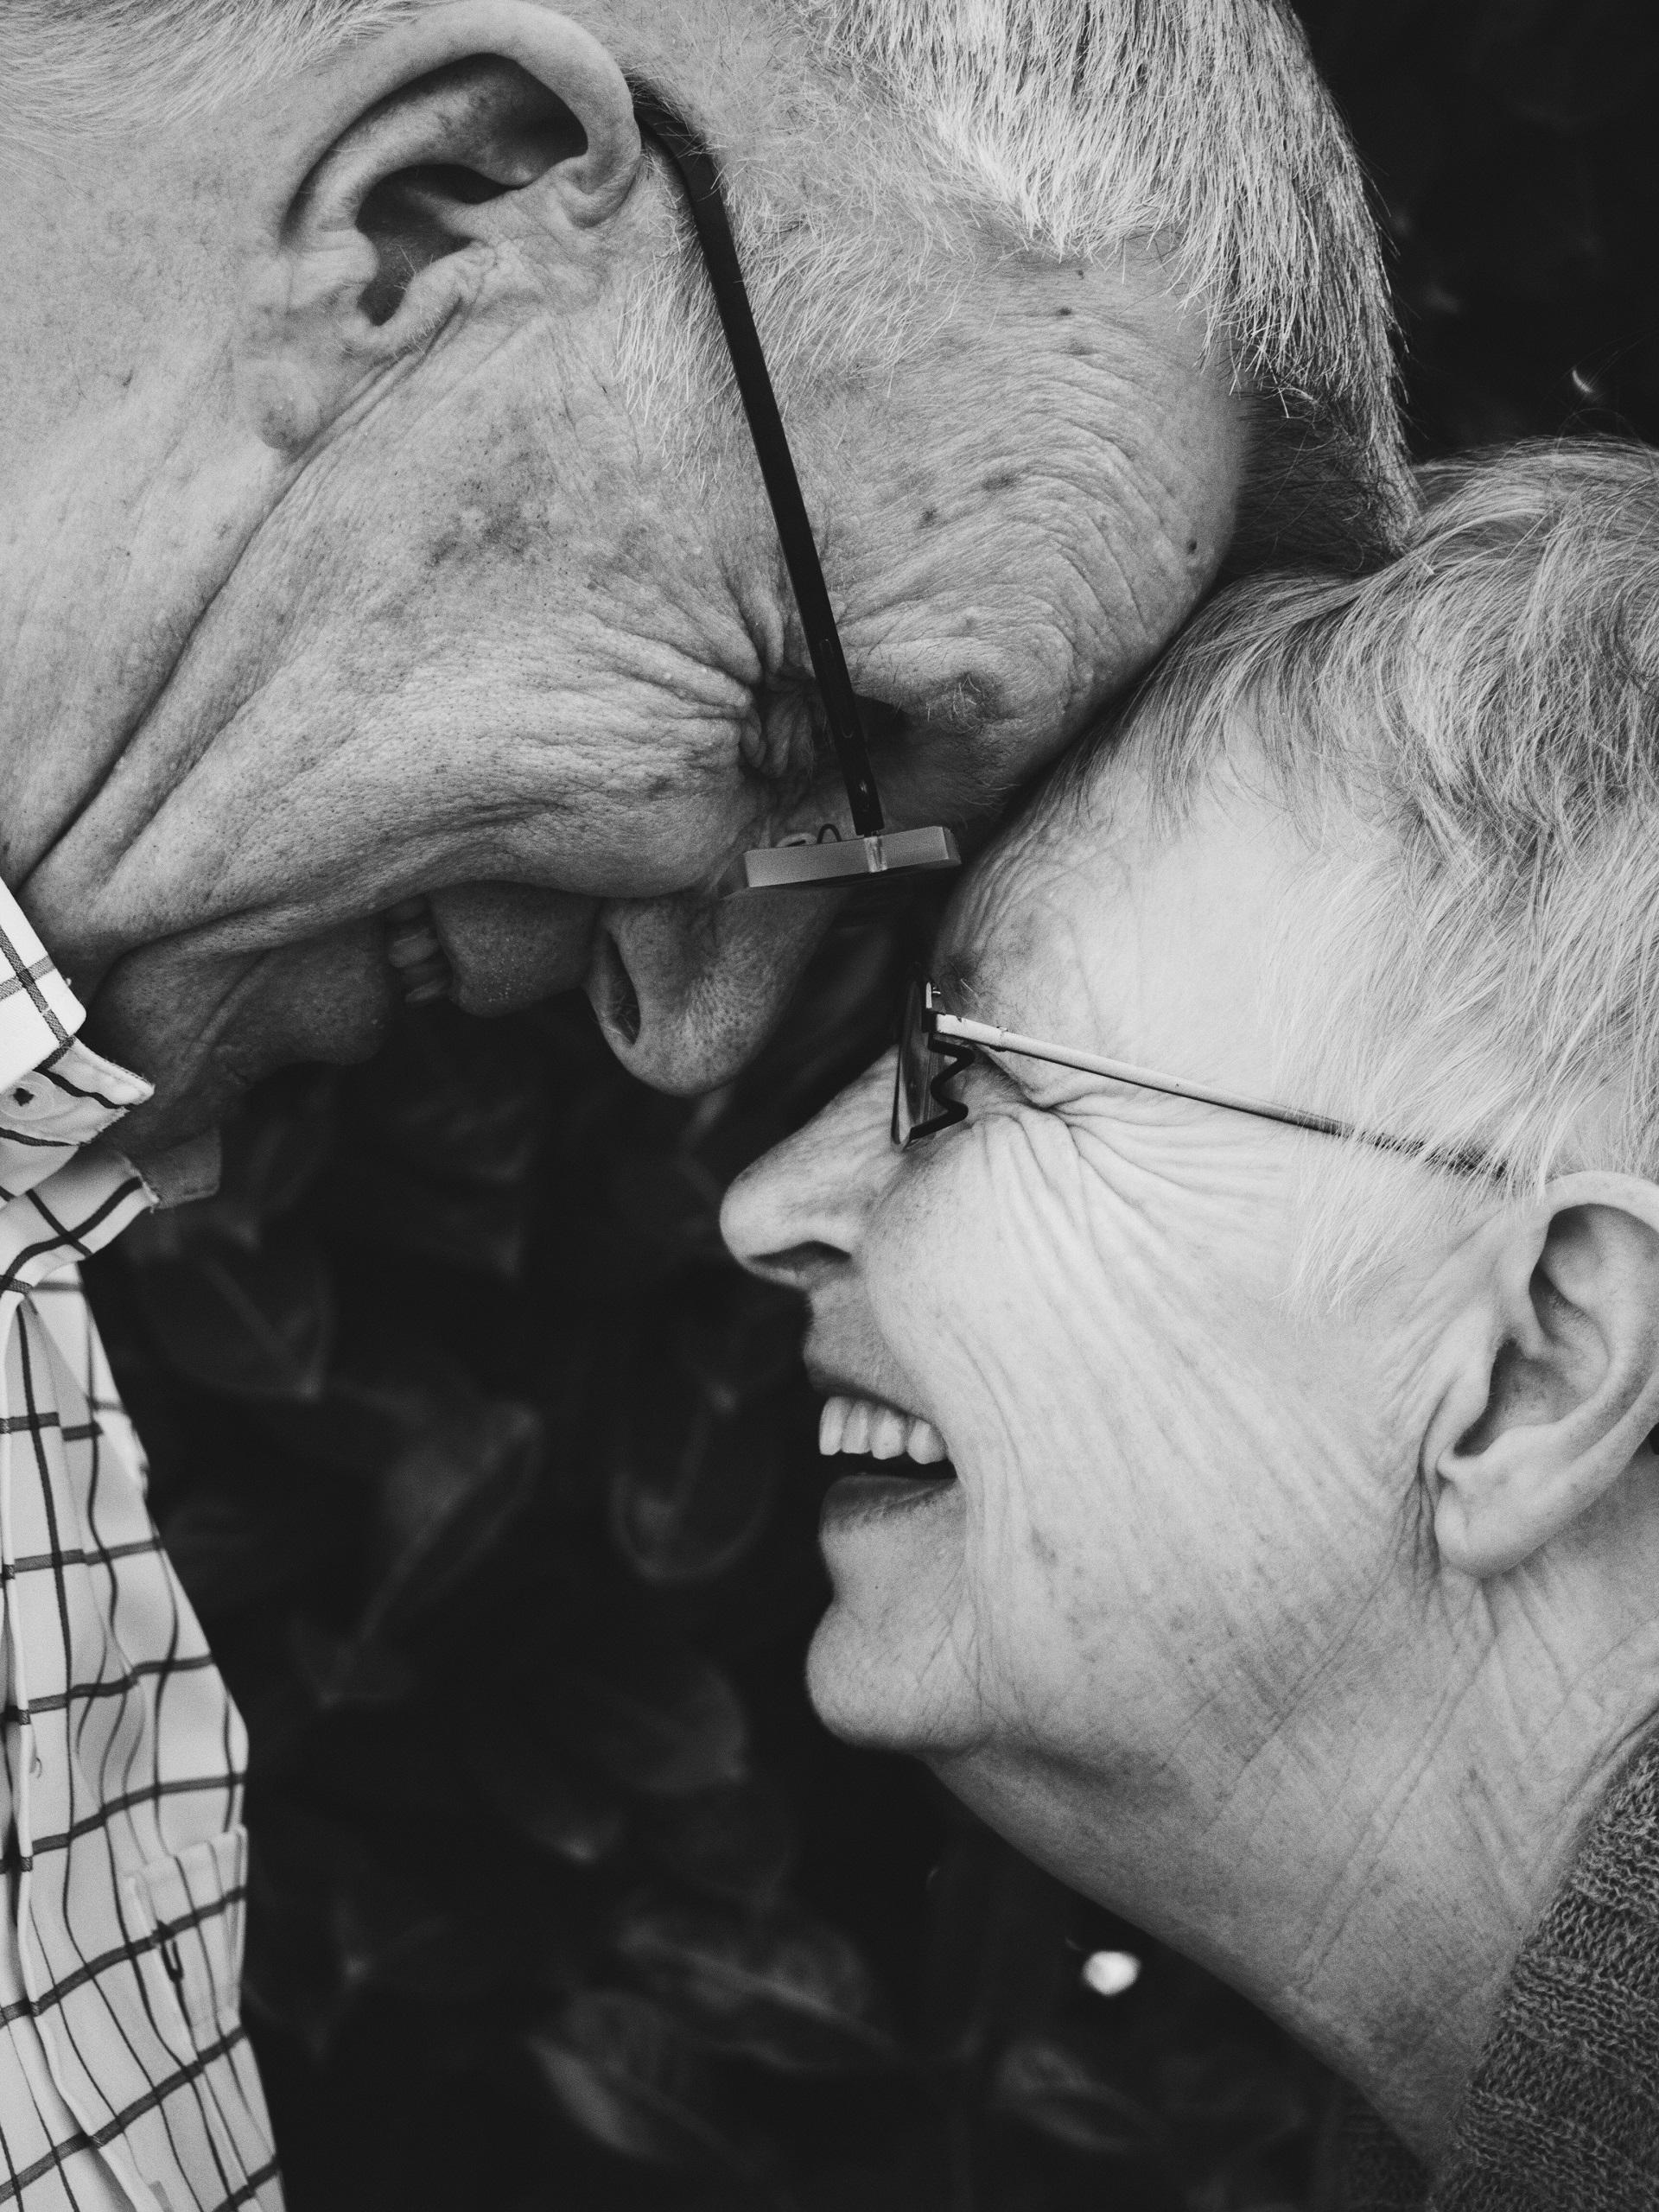 para w średnik wieku, świętowanie rocznić slubu, złota rocznica , życzenia na rocznicę ślubu